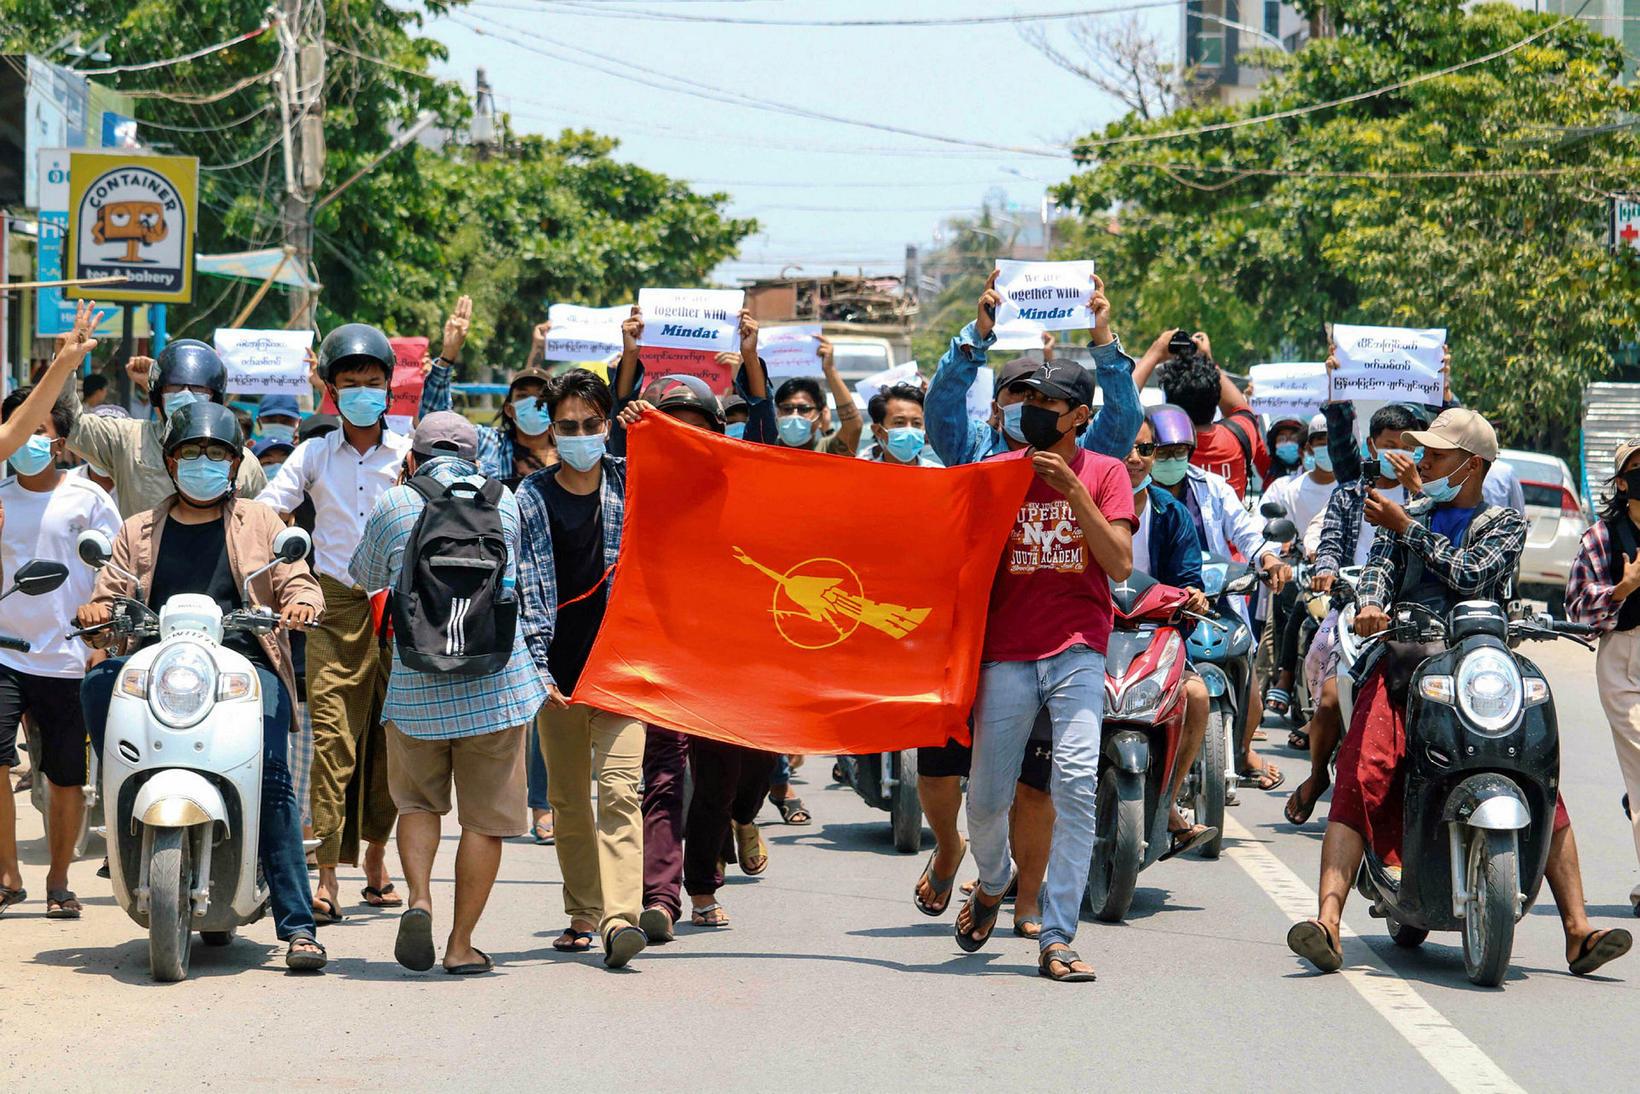 Frá mótmælum í Mandalay, Mjanmar, í dag.